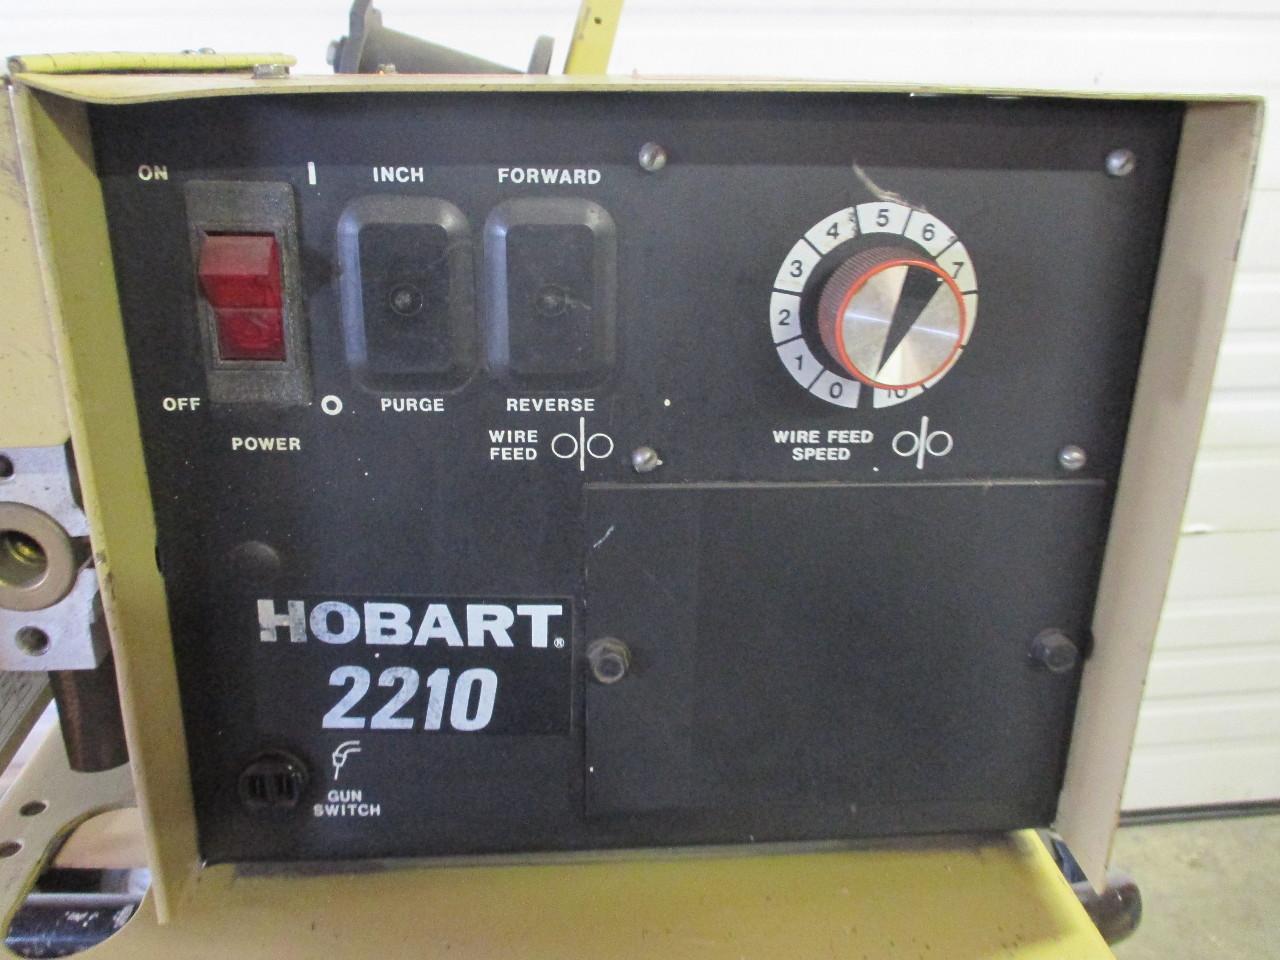 hobart rc 301 welder 300 amp with hobart 2210 wire feeder daves rh davesindustrialsurplus com Hobart Welder Wiring Diagram Hobart AM 14 Wiring Diagram